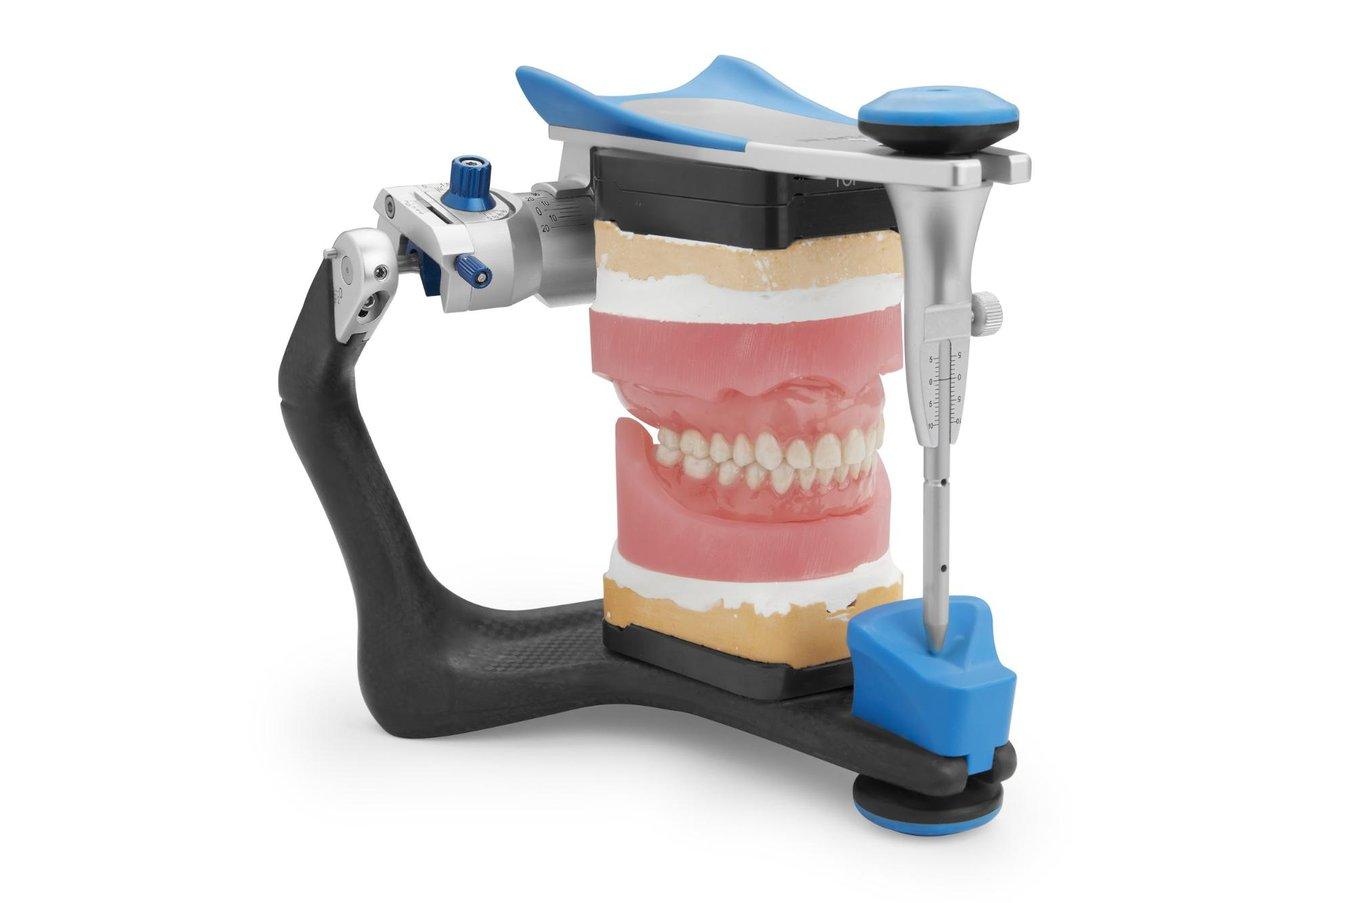 Le protesi dentali digitali sono economiche e offrono un workflow uniforme, per un prodotto finale di alta qualità.